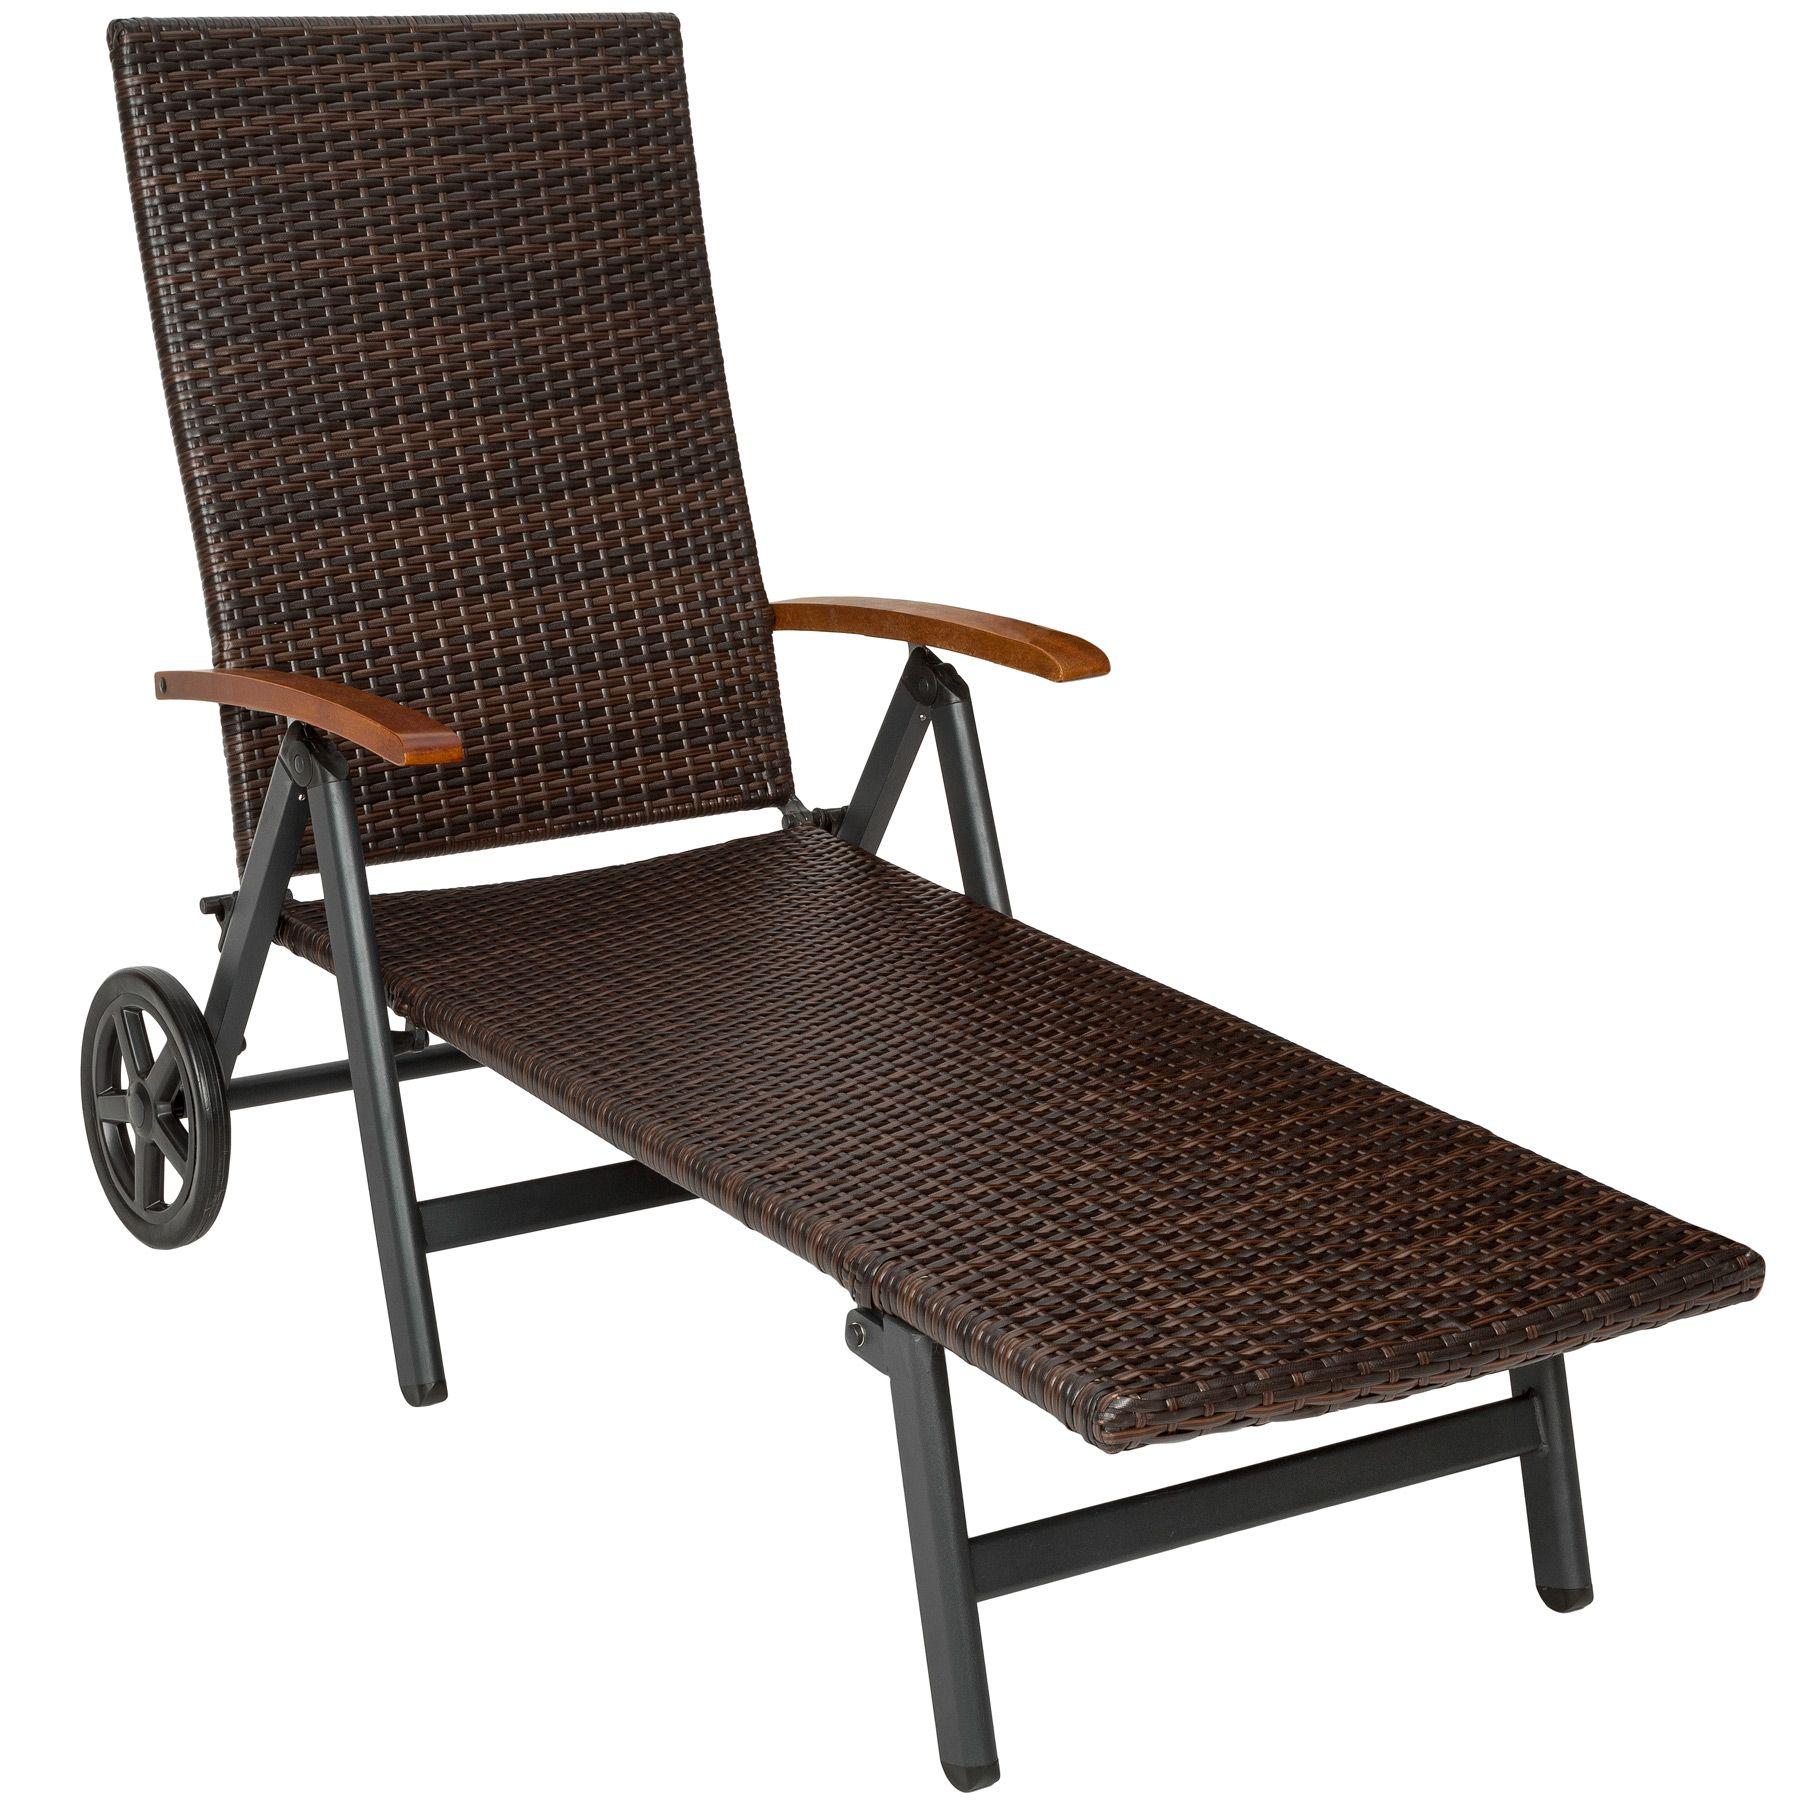 chaise longue resine cool bain de soleil rsine with. Black Bedroom Furniture Sets. Home Design Ideas